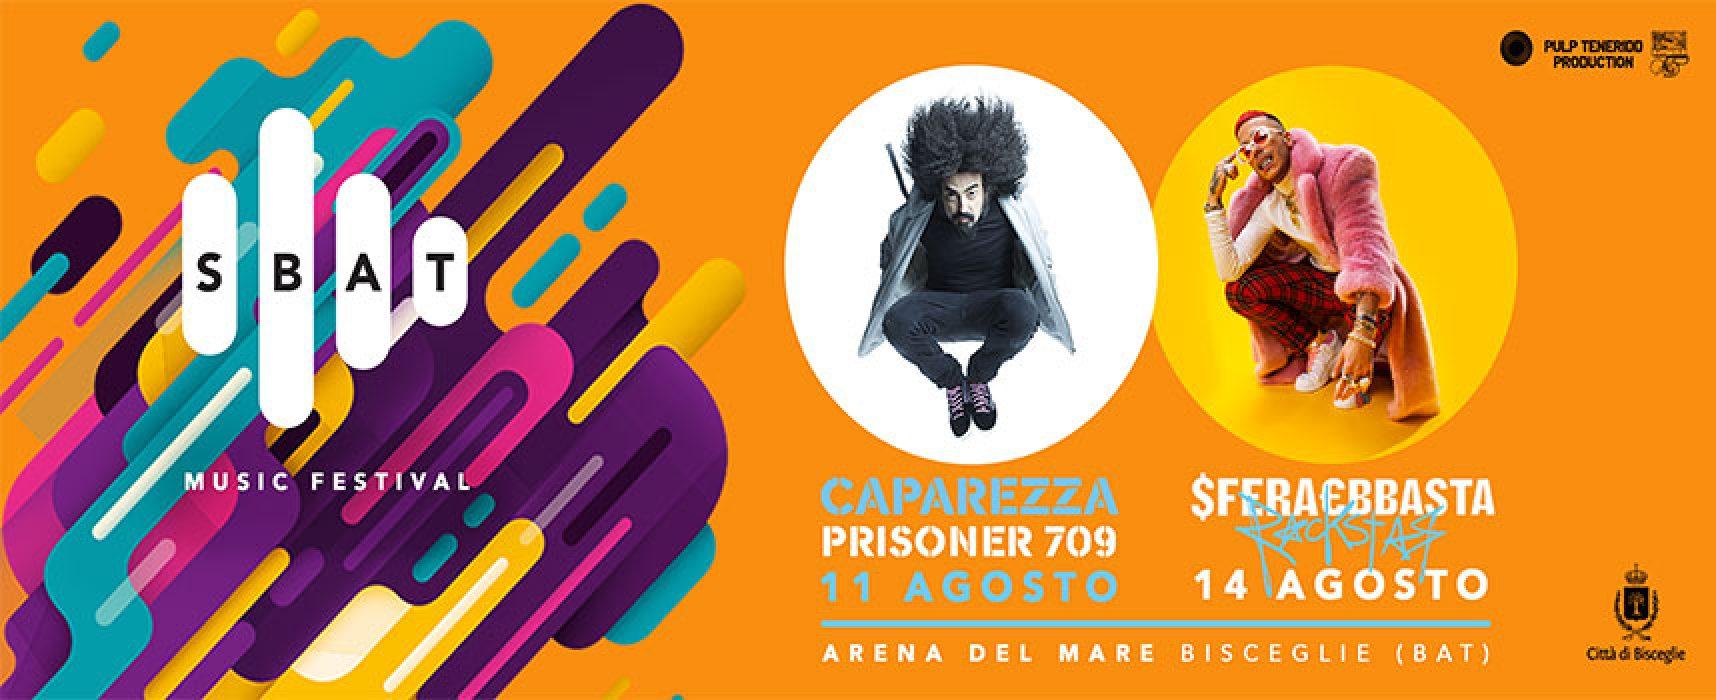 Lo Sbat! Music Festival approda a Bisceglie con Caparezza e Sfera Ebbasta